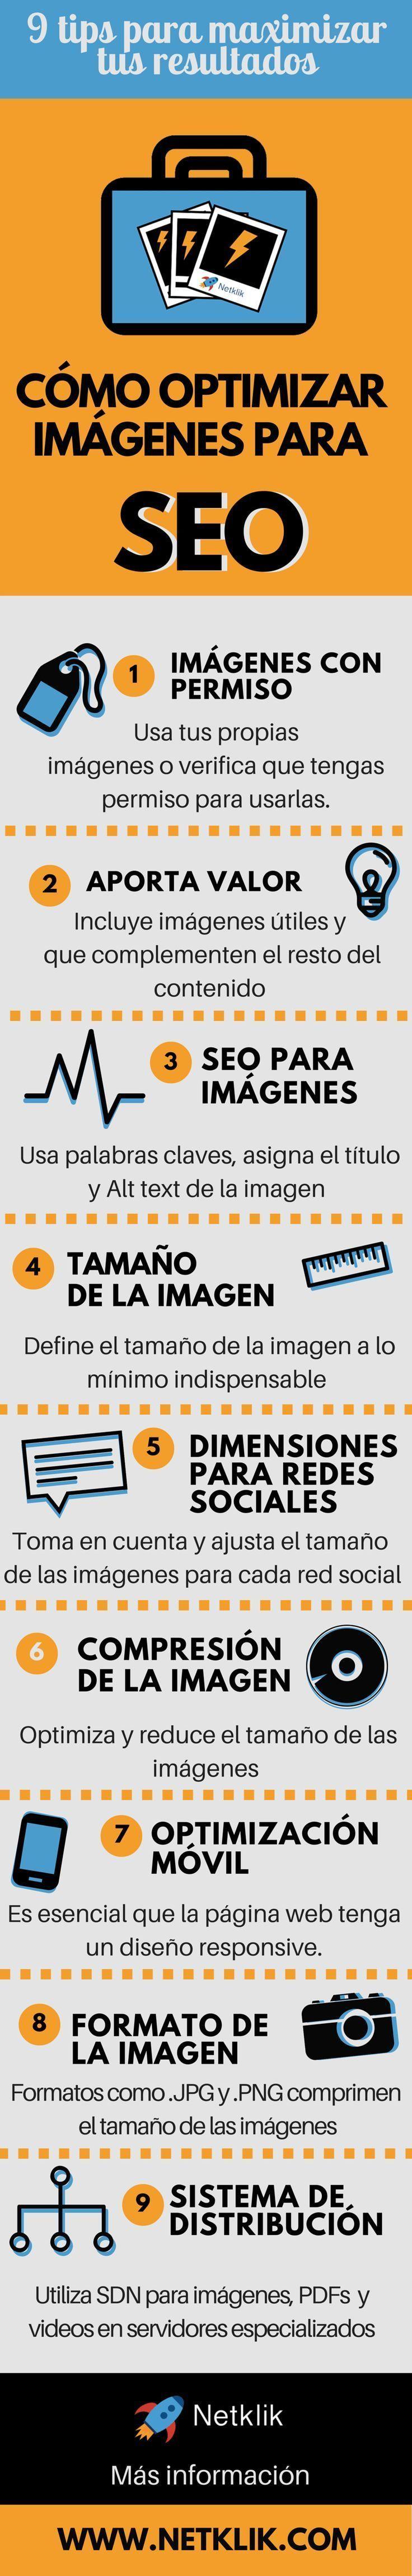 9 pasos sencillas que debes tomar para optimizar imagenes para SEO. Toma nota del paso #6 y #8.